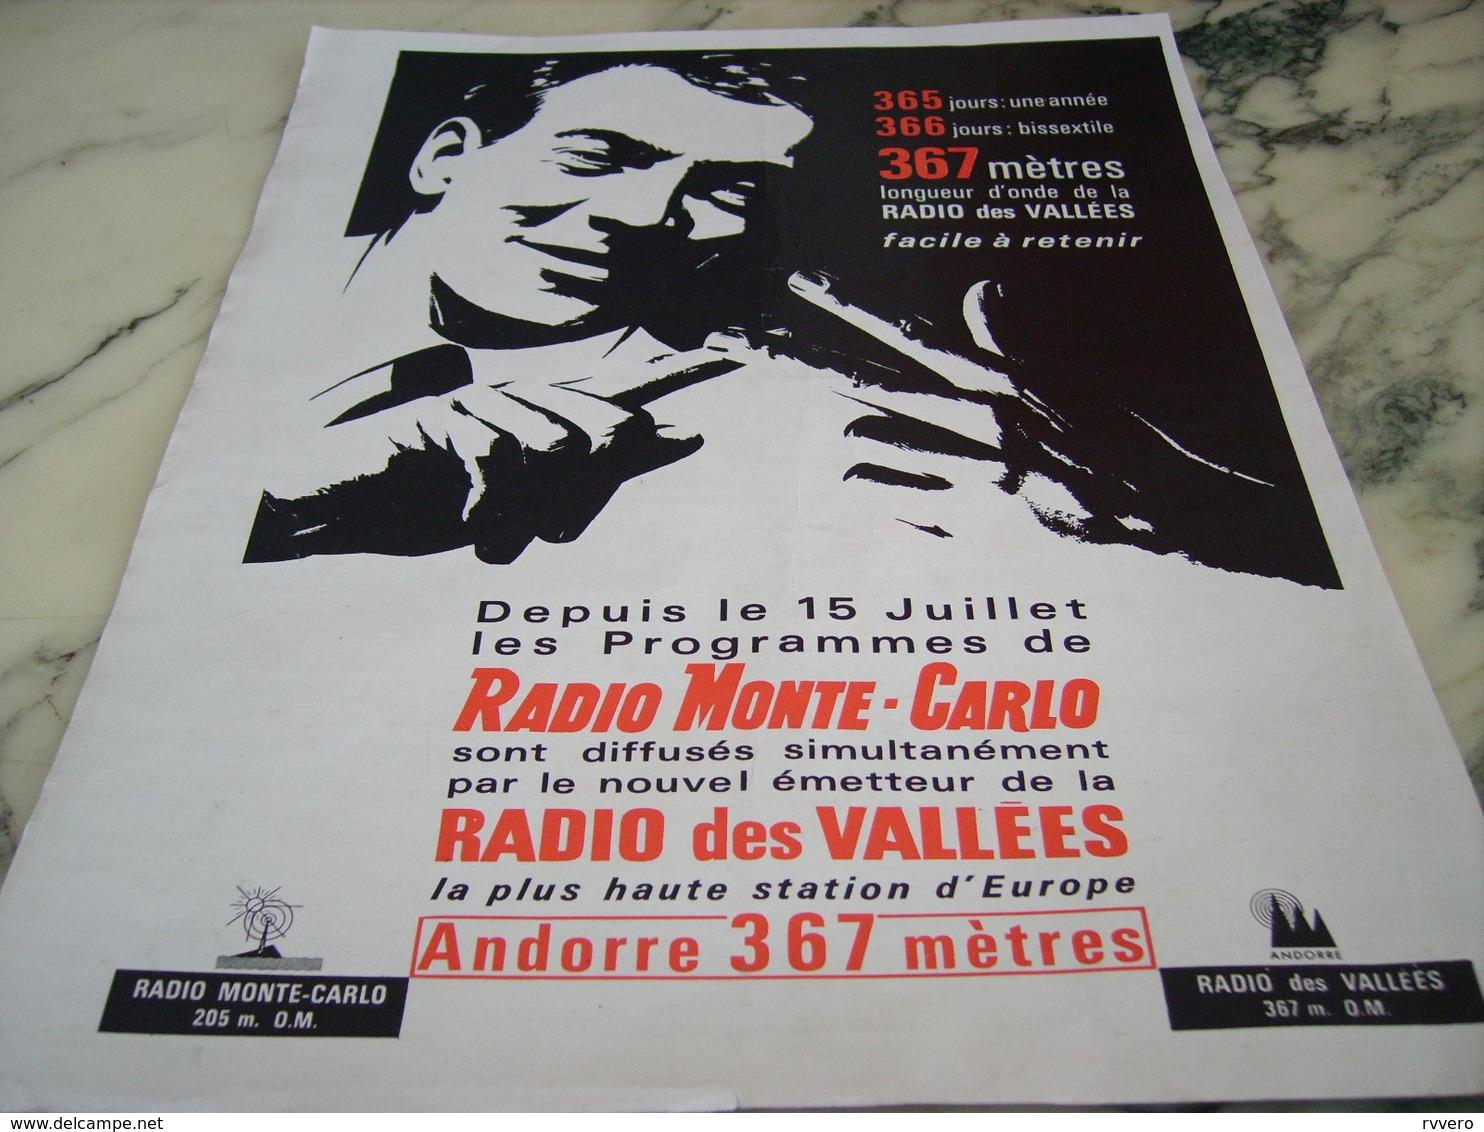 ANCIENNE PUBLICITE RADIO MONTE CARLO ET RADIO DES VALLEES 1964 - Pubblicitari